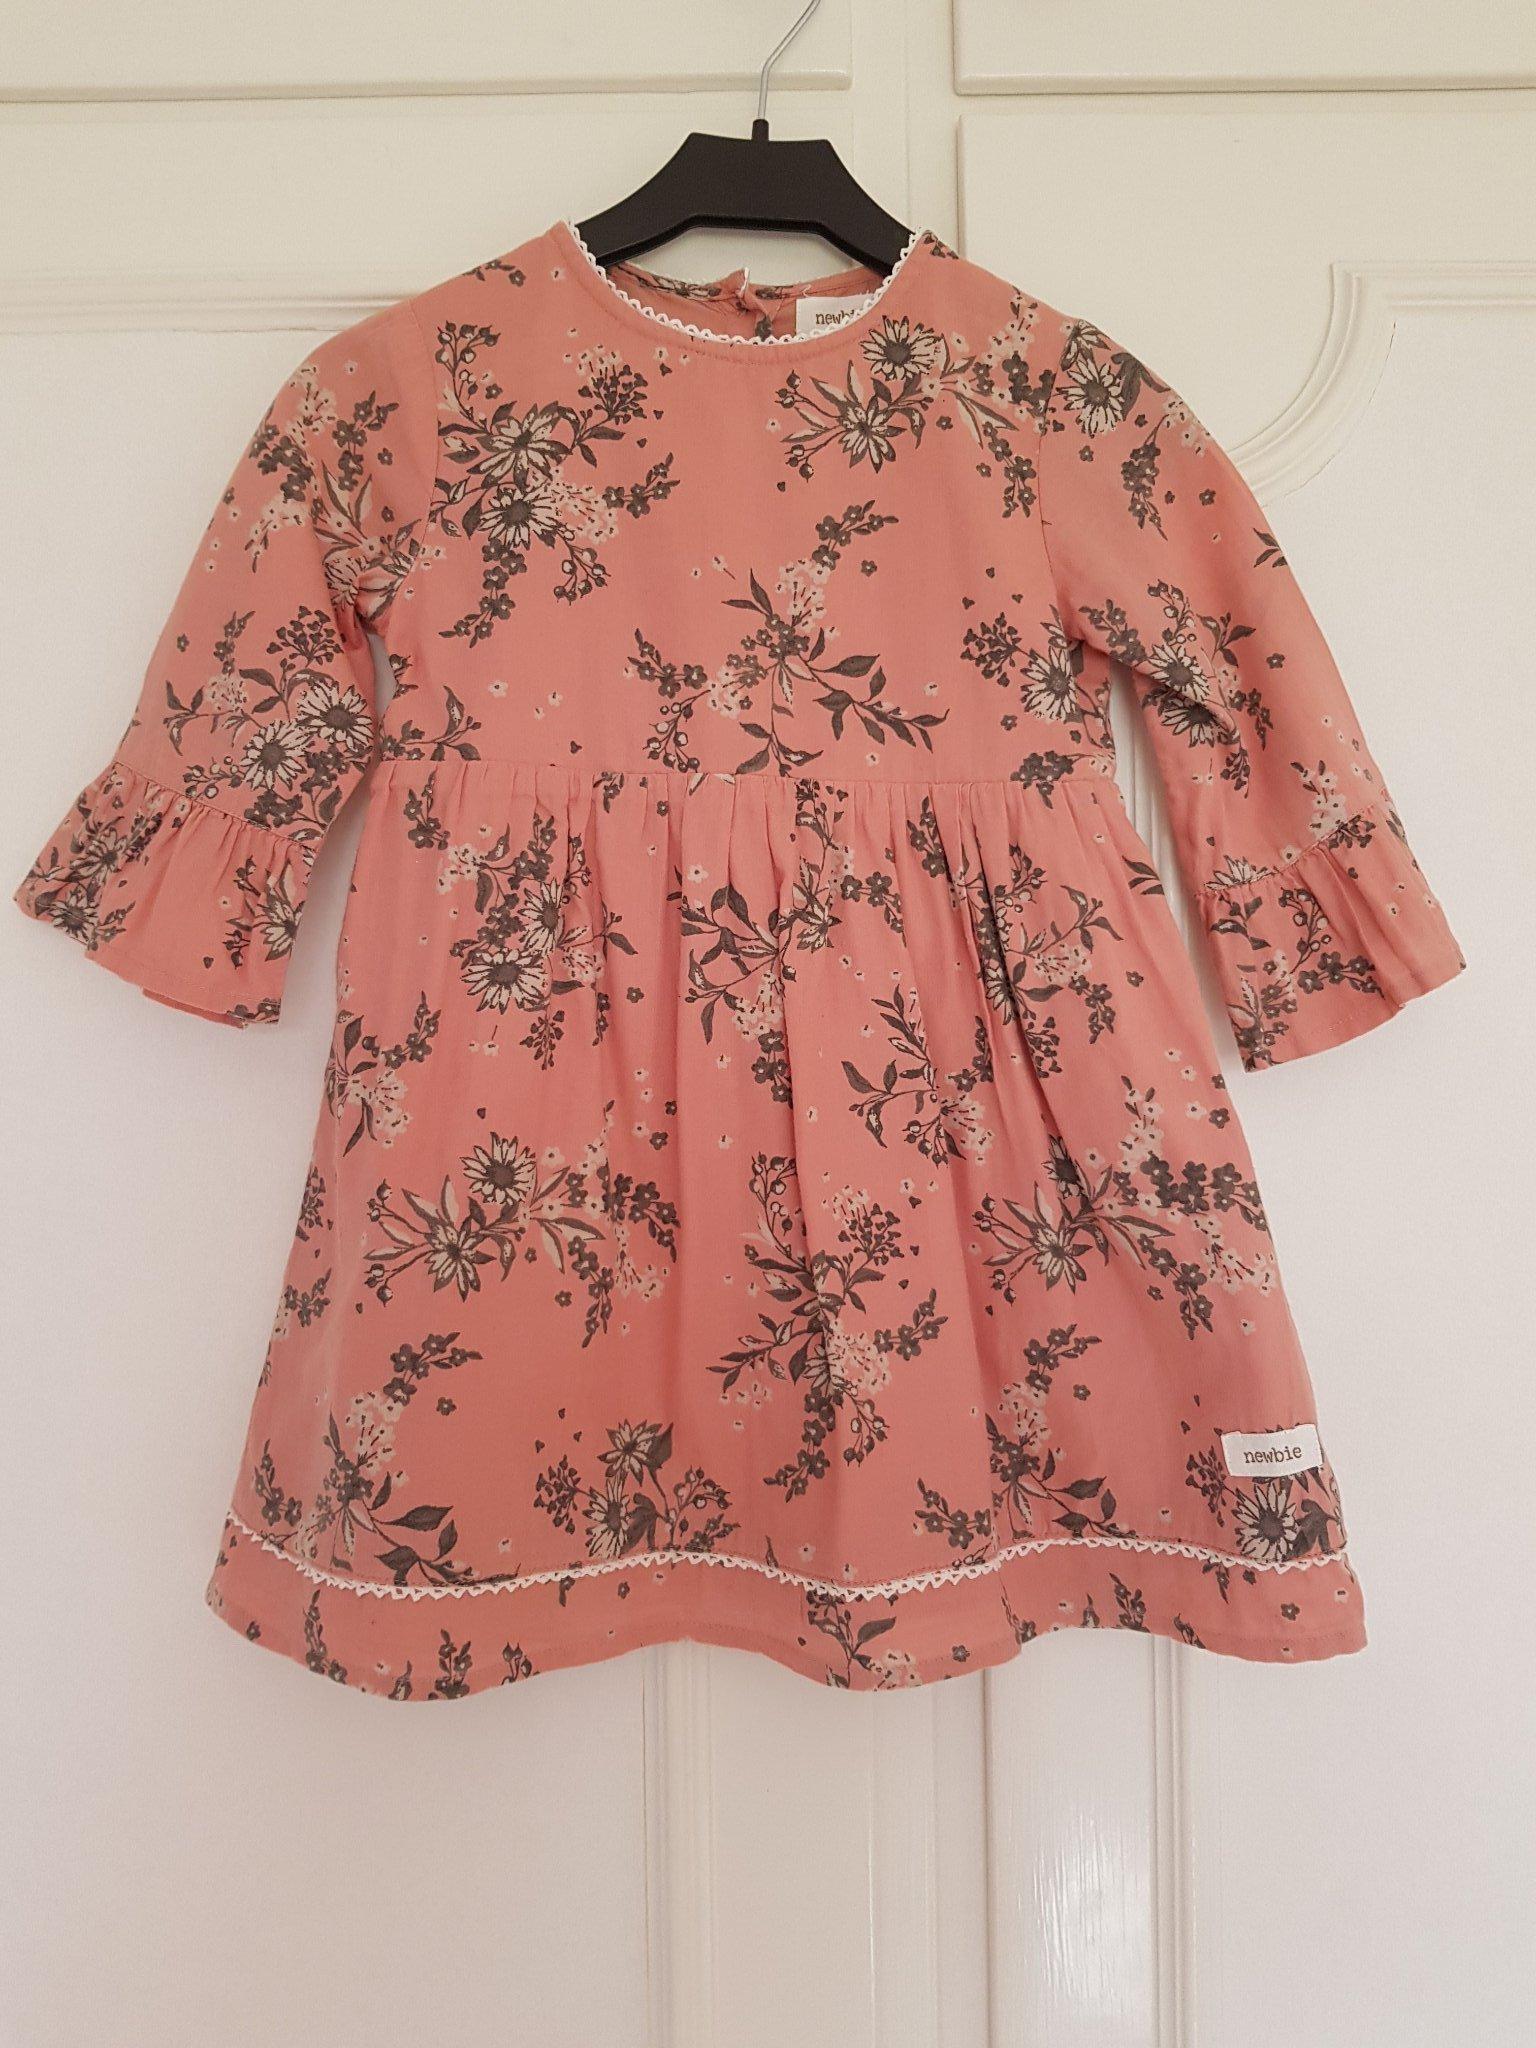 176c99903bbd Newbie klänning stl 92 (351572074) ᐈ Köp på Tradera